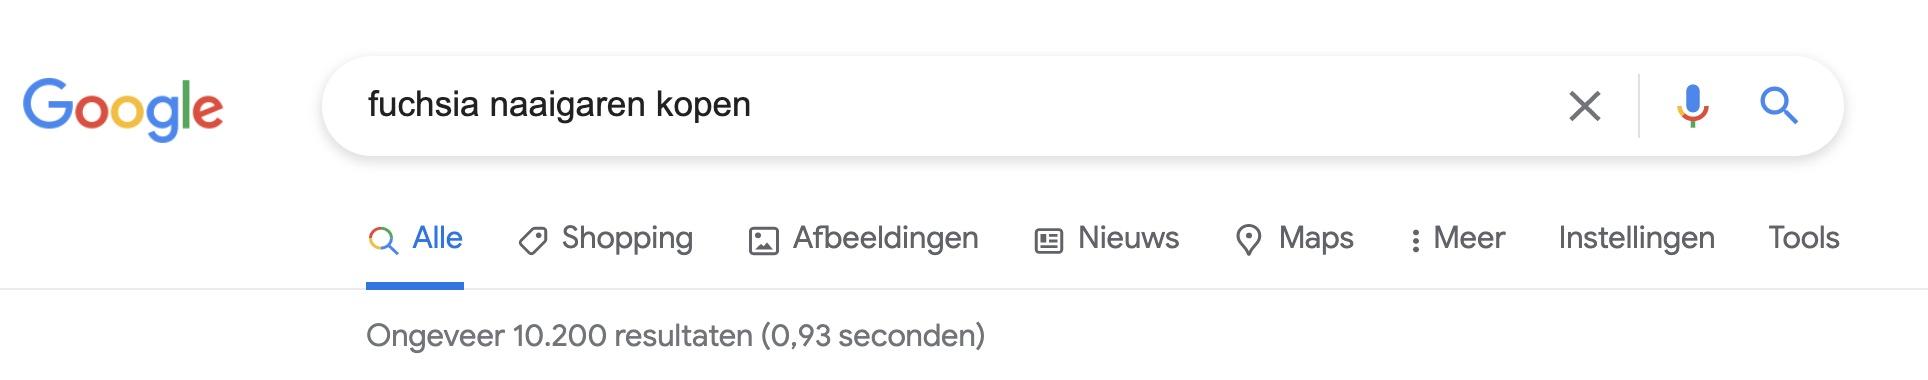 Google Dance voorbeeld - heel weinig concurrentie